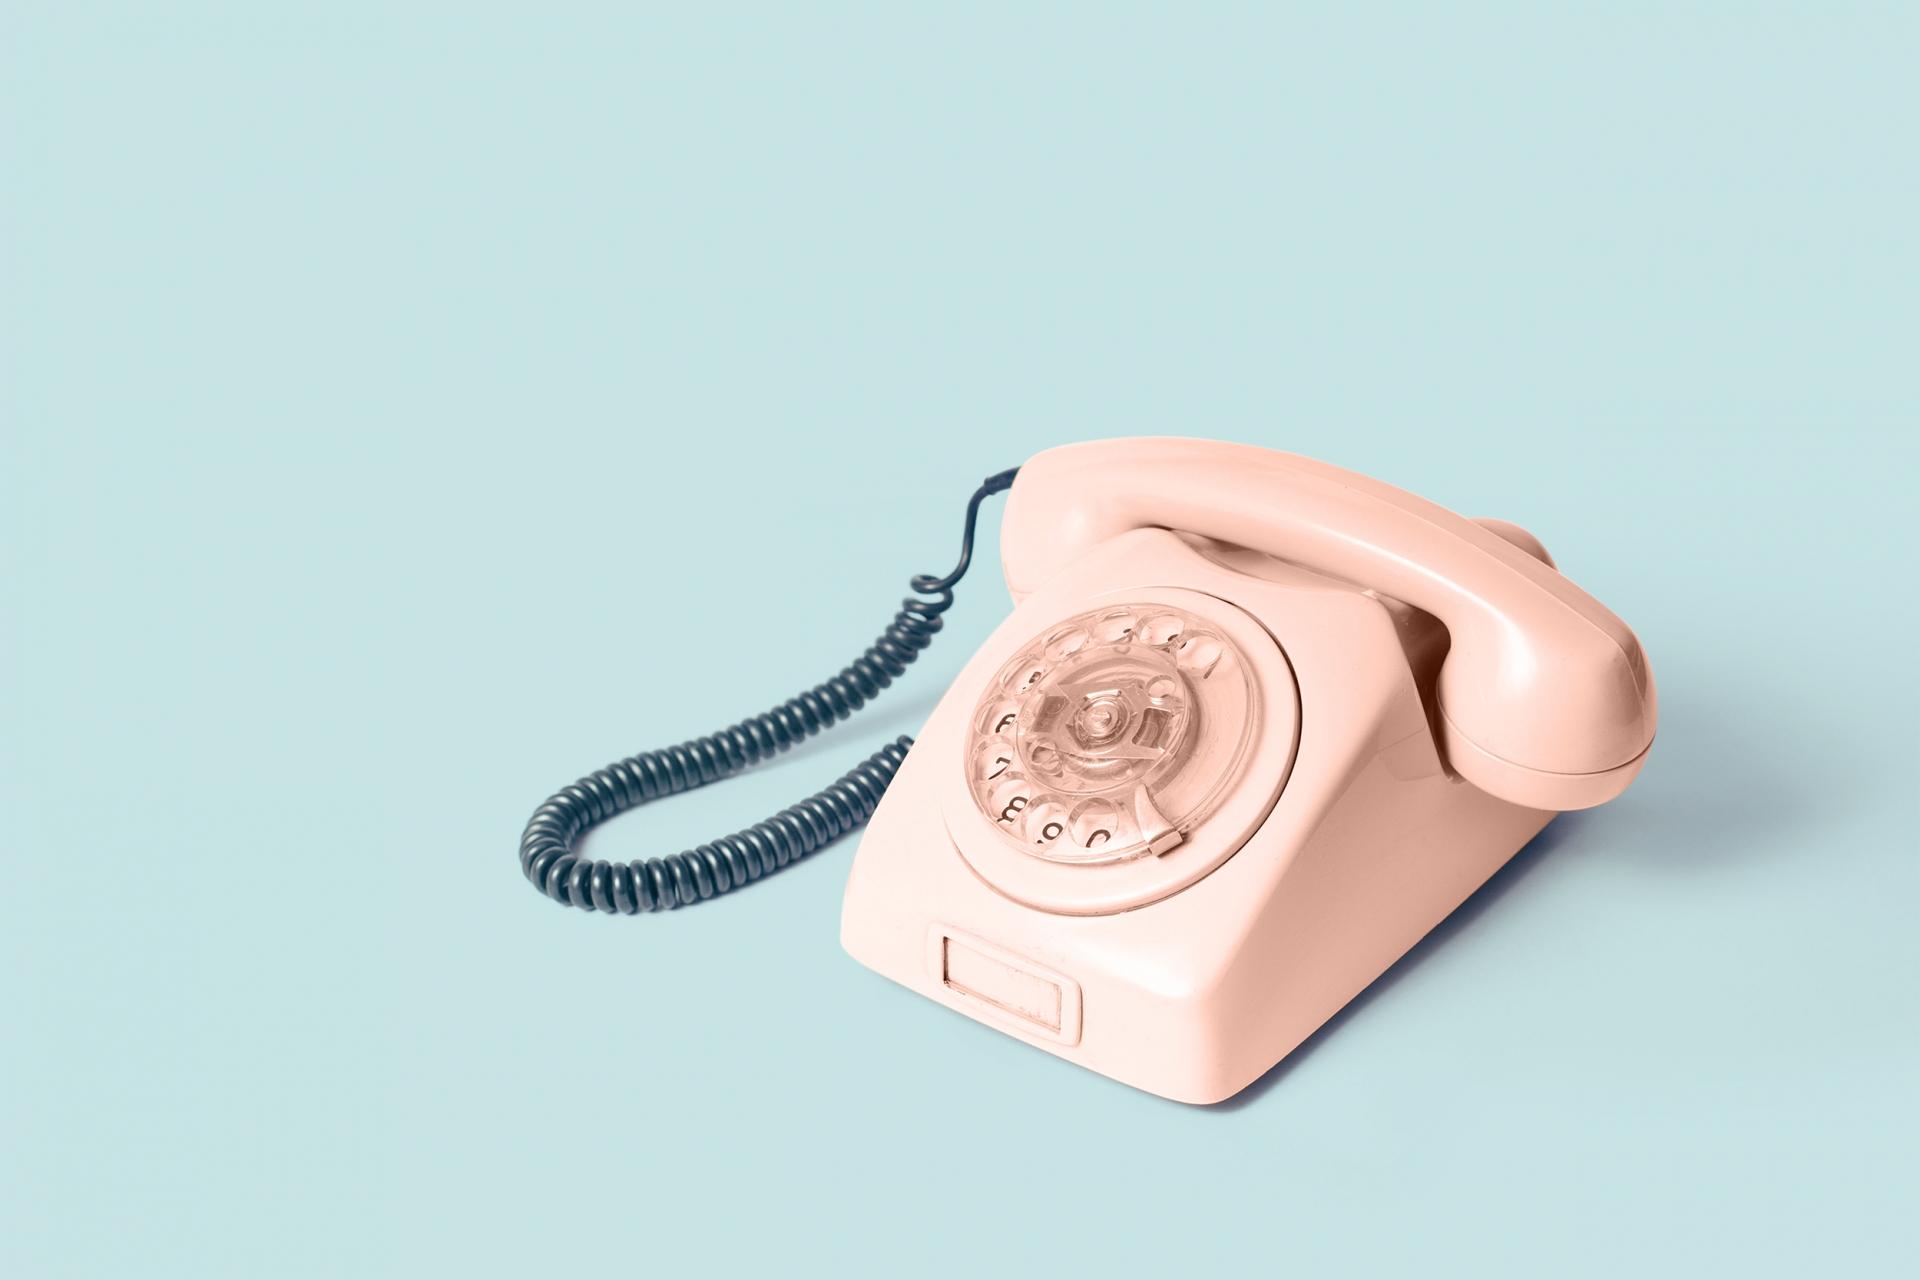 彼氏に会えない時は電話で時短で素直に寂しいという方法を紹介